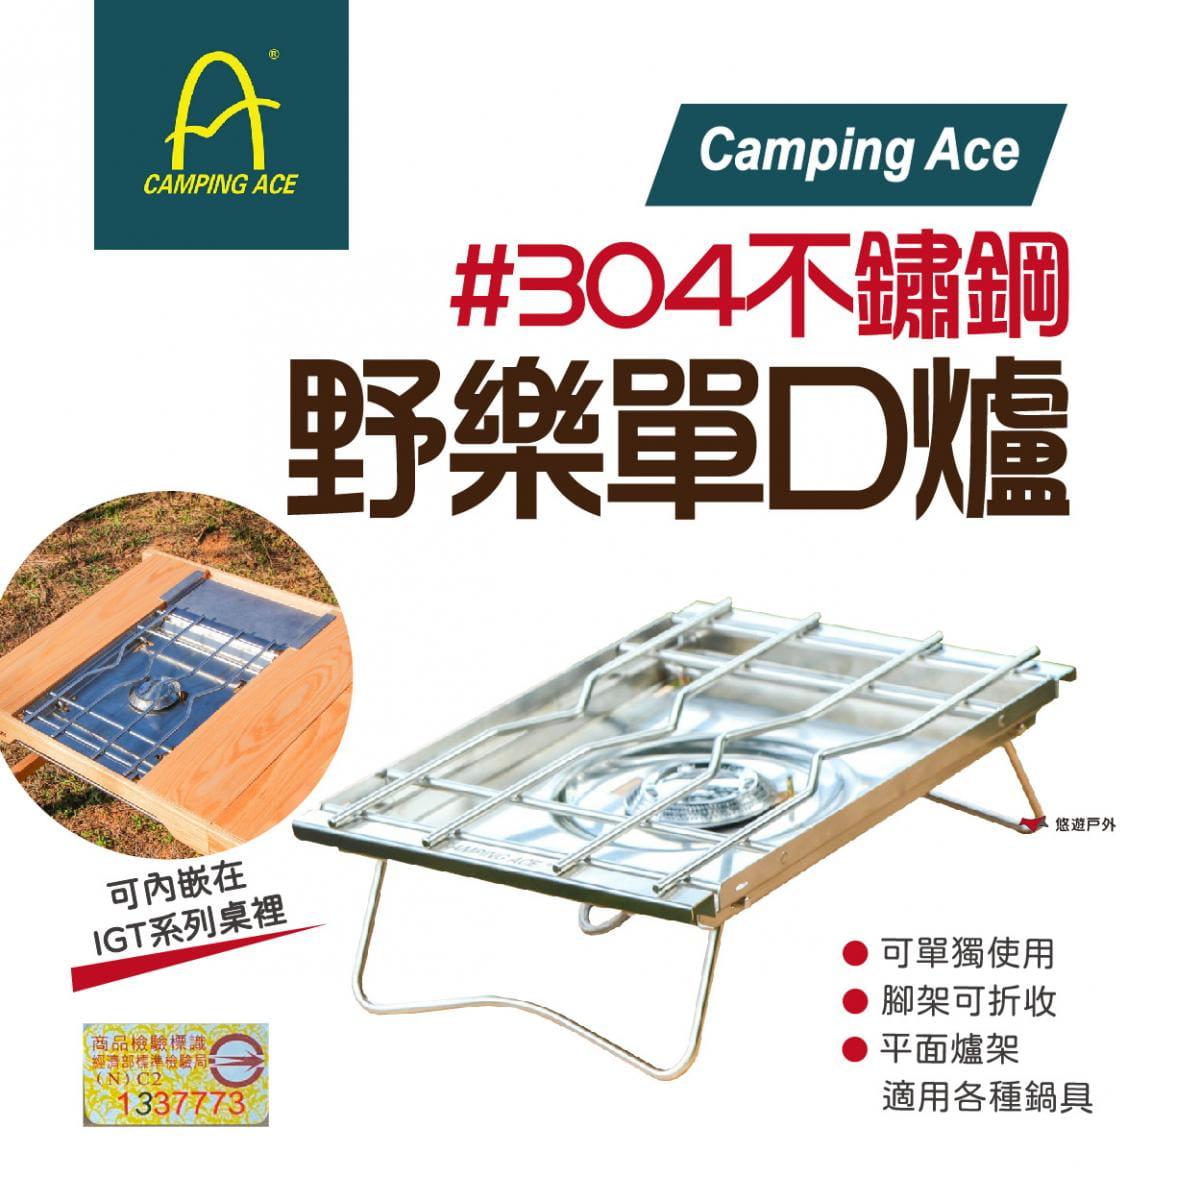 【野樂】單口爐 ARC-202 台灣製 單口爐 瓦斯爐 露營 野營 304不銹銹鋼 IGT 0